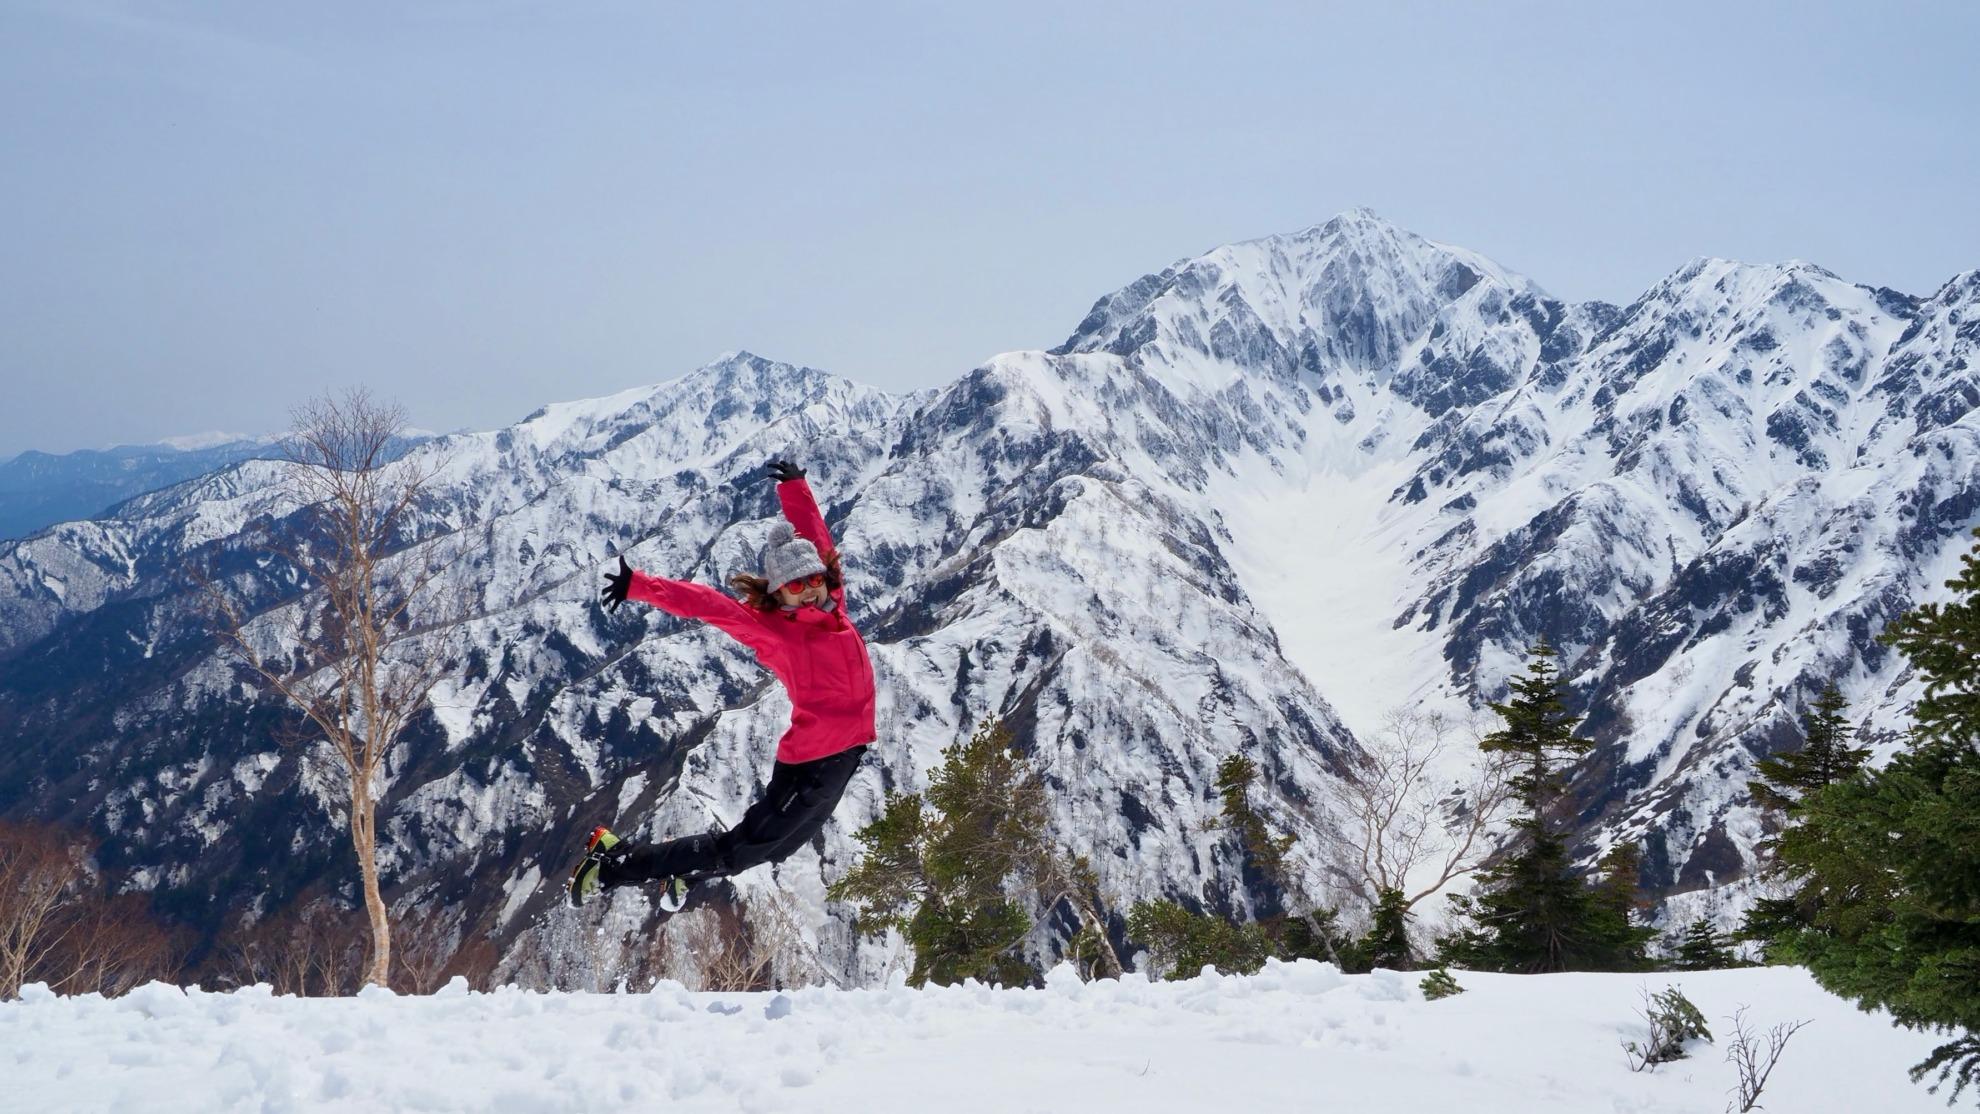 雪の鹿島槍とカクネ里雪渓